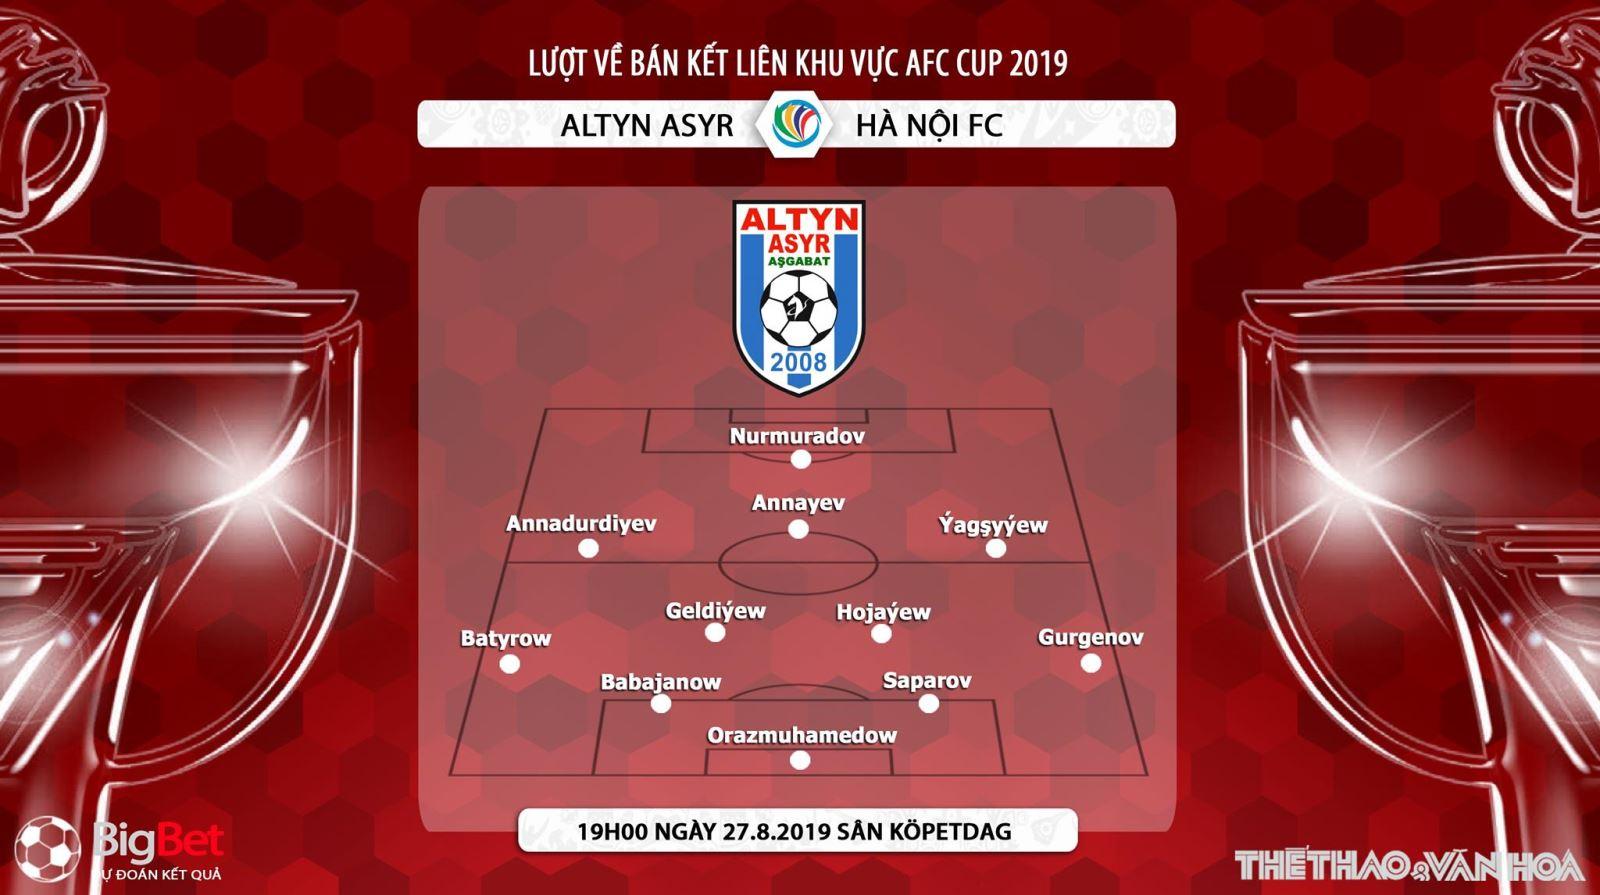 trực tiếp bóng đá, Hà Nội vs Altyn Asyr, Hà Nội đấu với Altyn Asyr, truc tiep bong da, bong da hom nay, Hà Nội, AFC Cup 2019, bán kết liên khu vực AFC Cup 2019